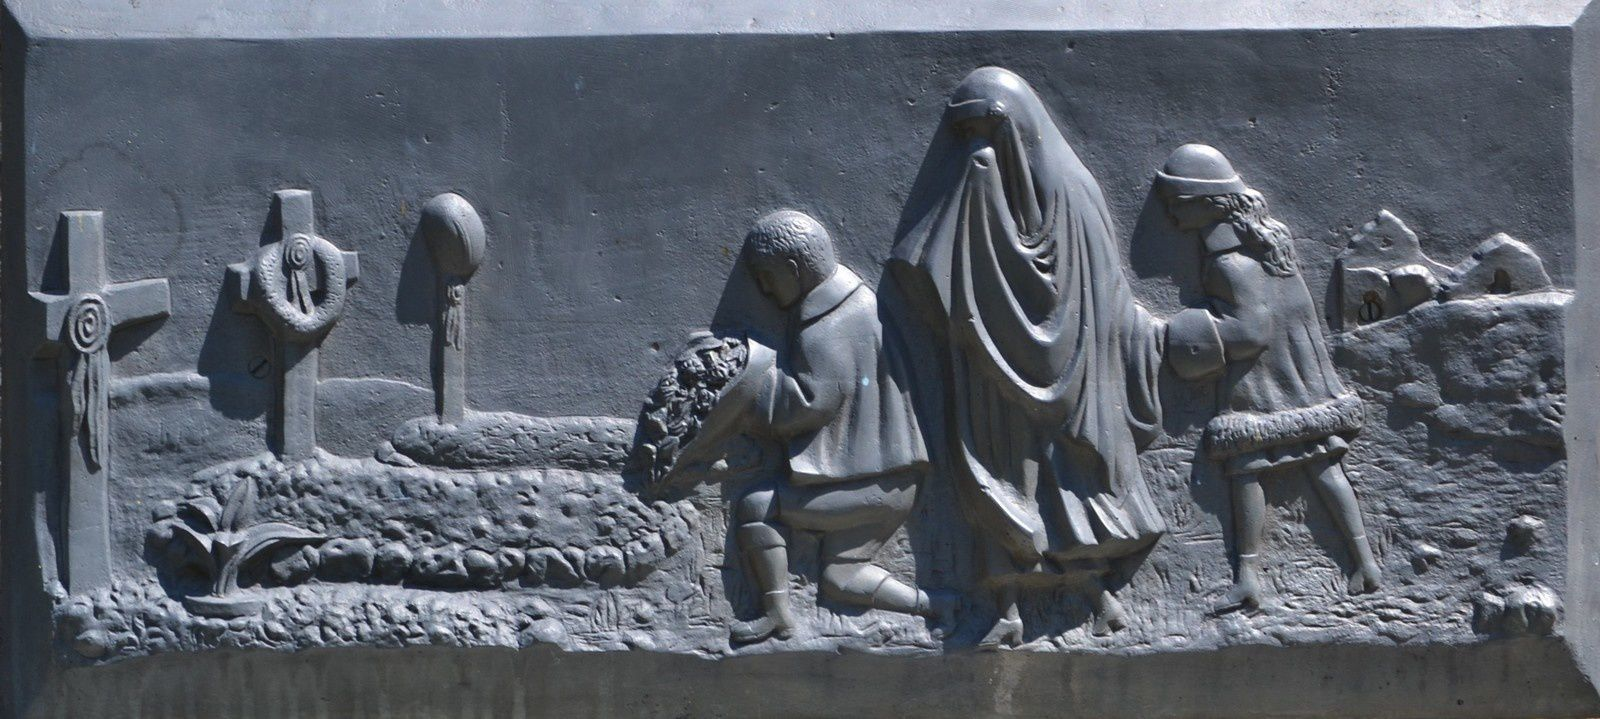 Monument aux morts d'Auxelles-Haut (Territoire de Belfort)